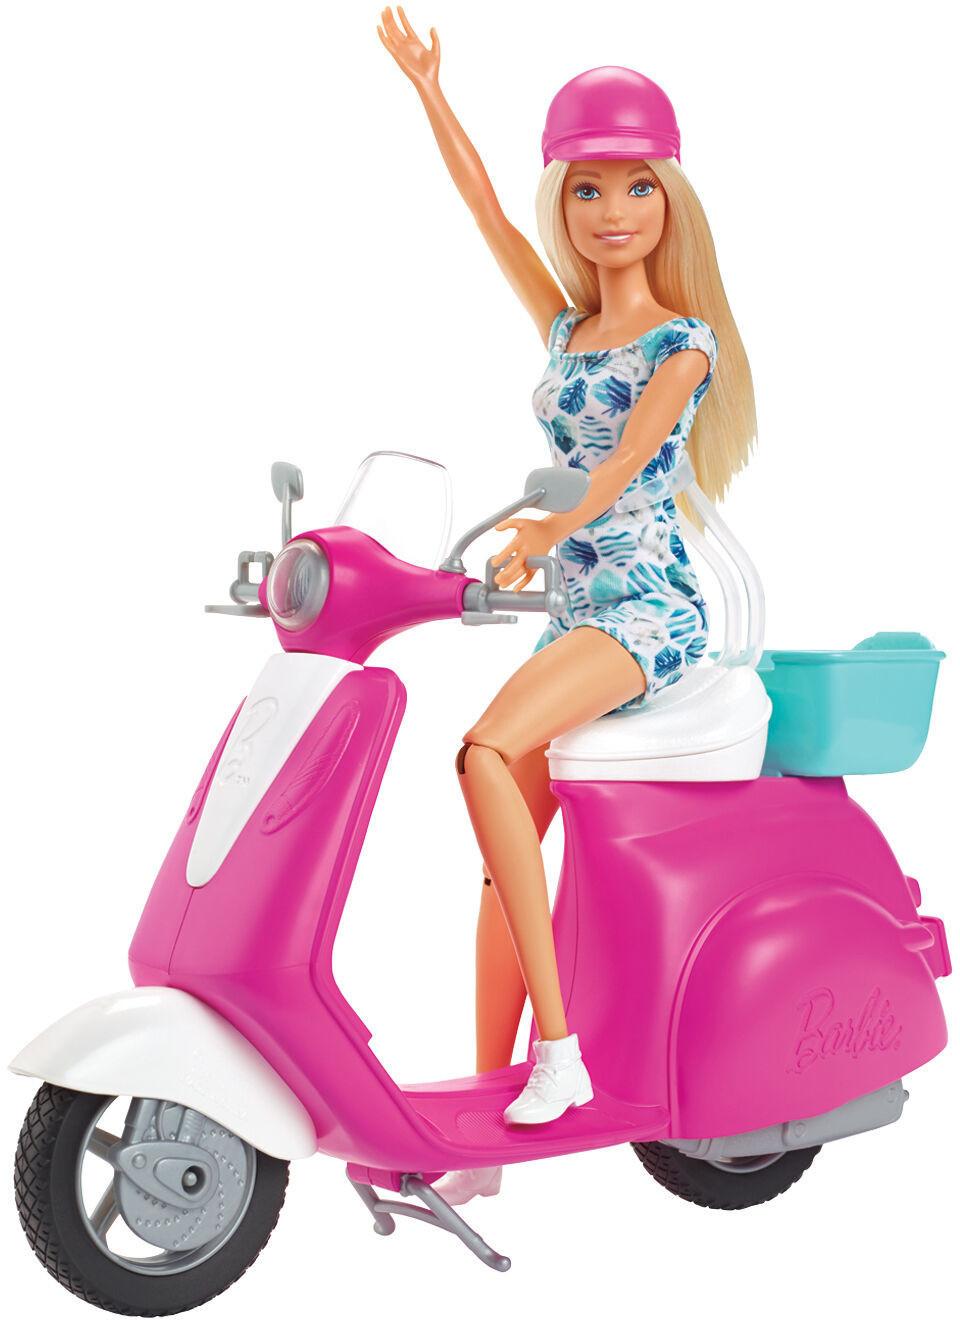 Barbie Pink Passport Puppe und Motorroller (GBK85)